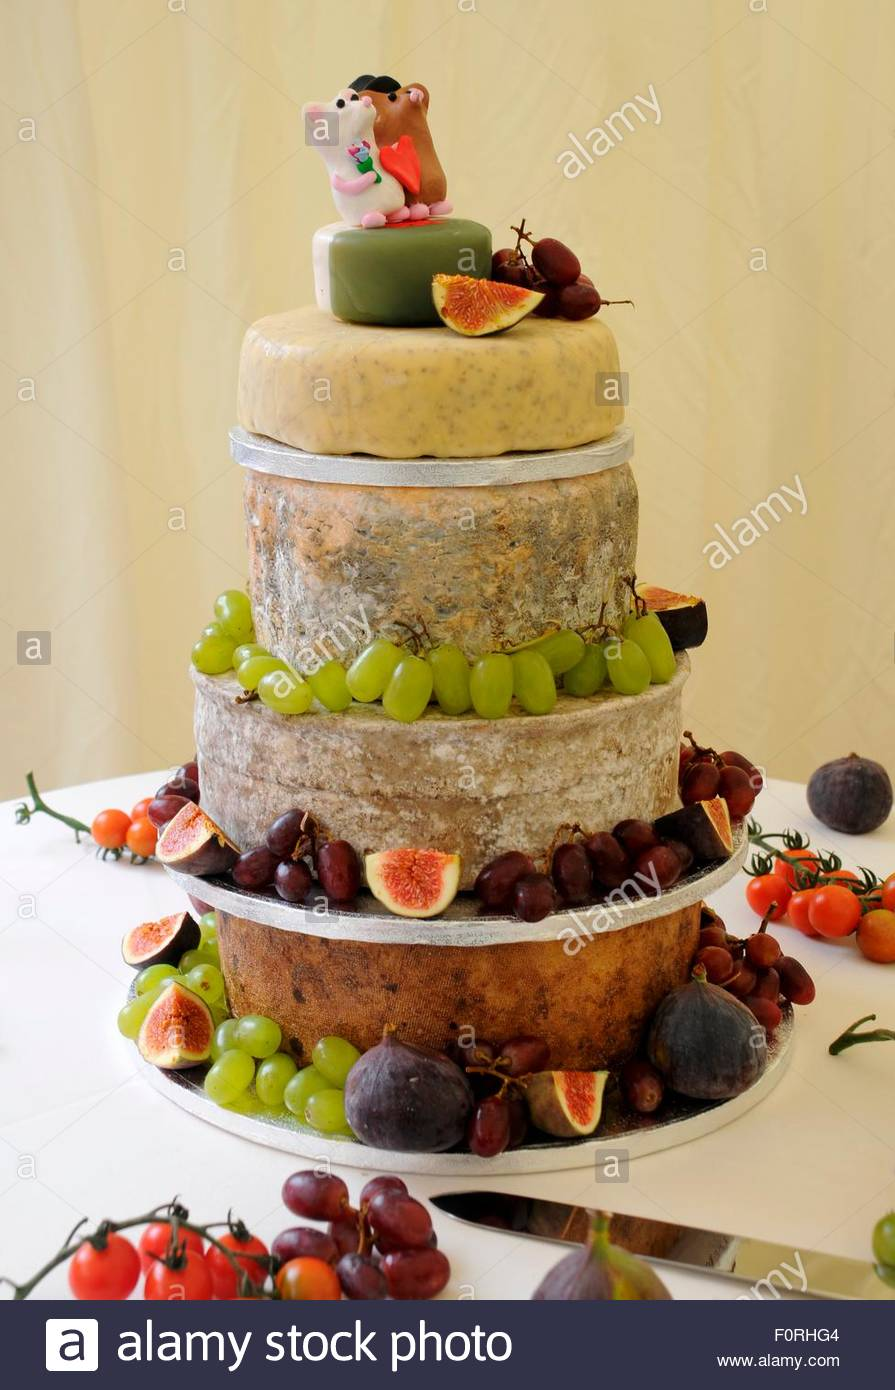 Eine Hochzeitstorte Von Kase Mit Obst Stockfoto Bild 86570516 Alamy